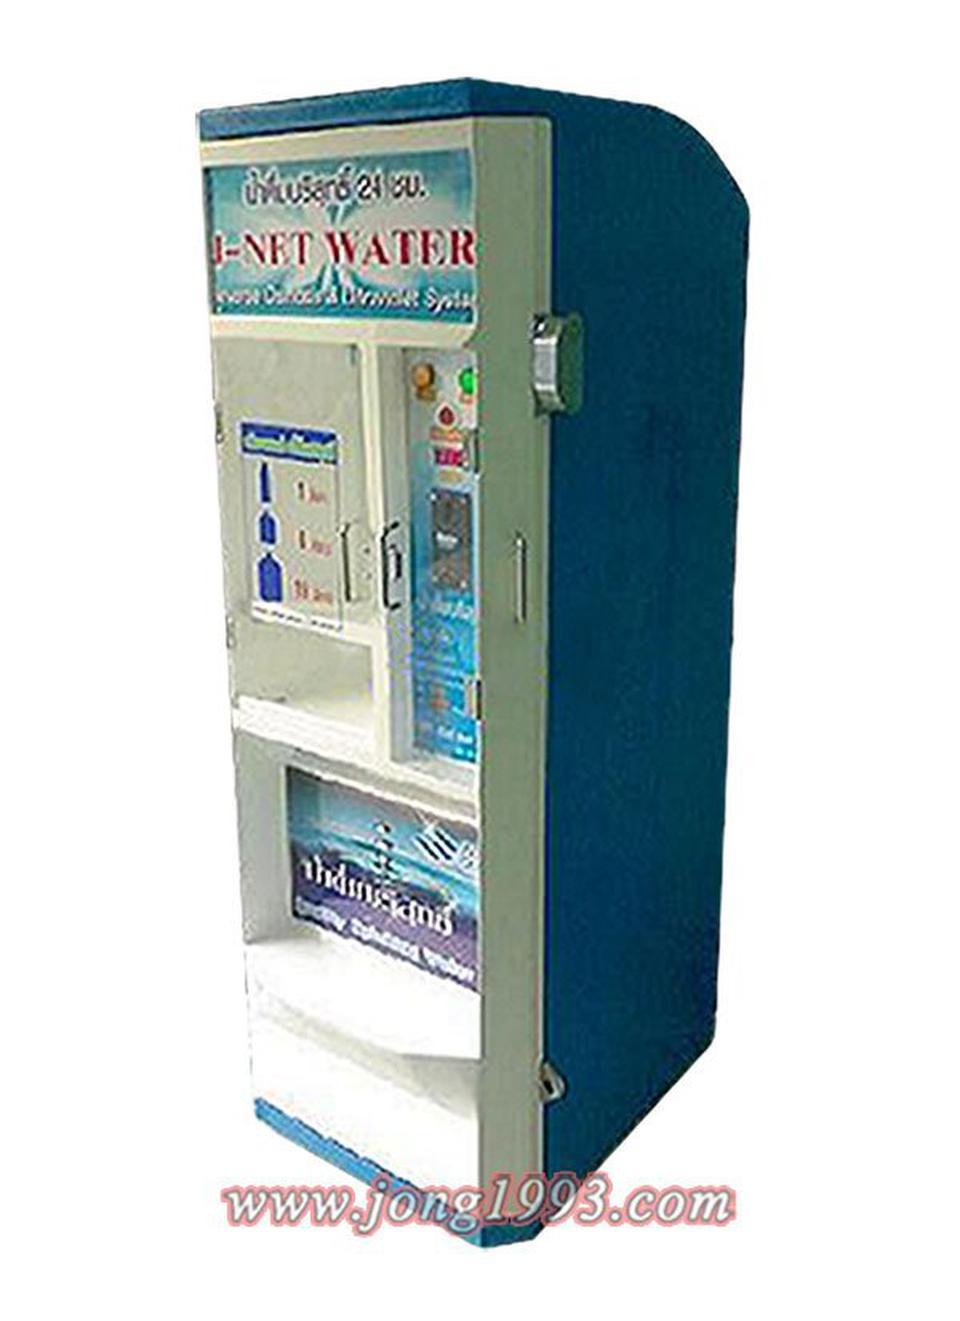 ตู้กรอกน้ำหยอดเหรียญ รูปที่ 1